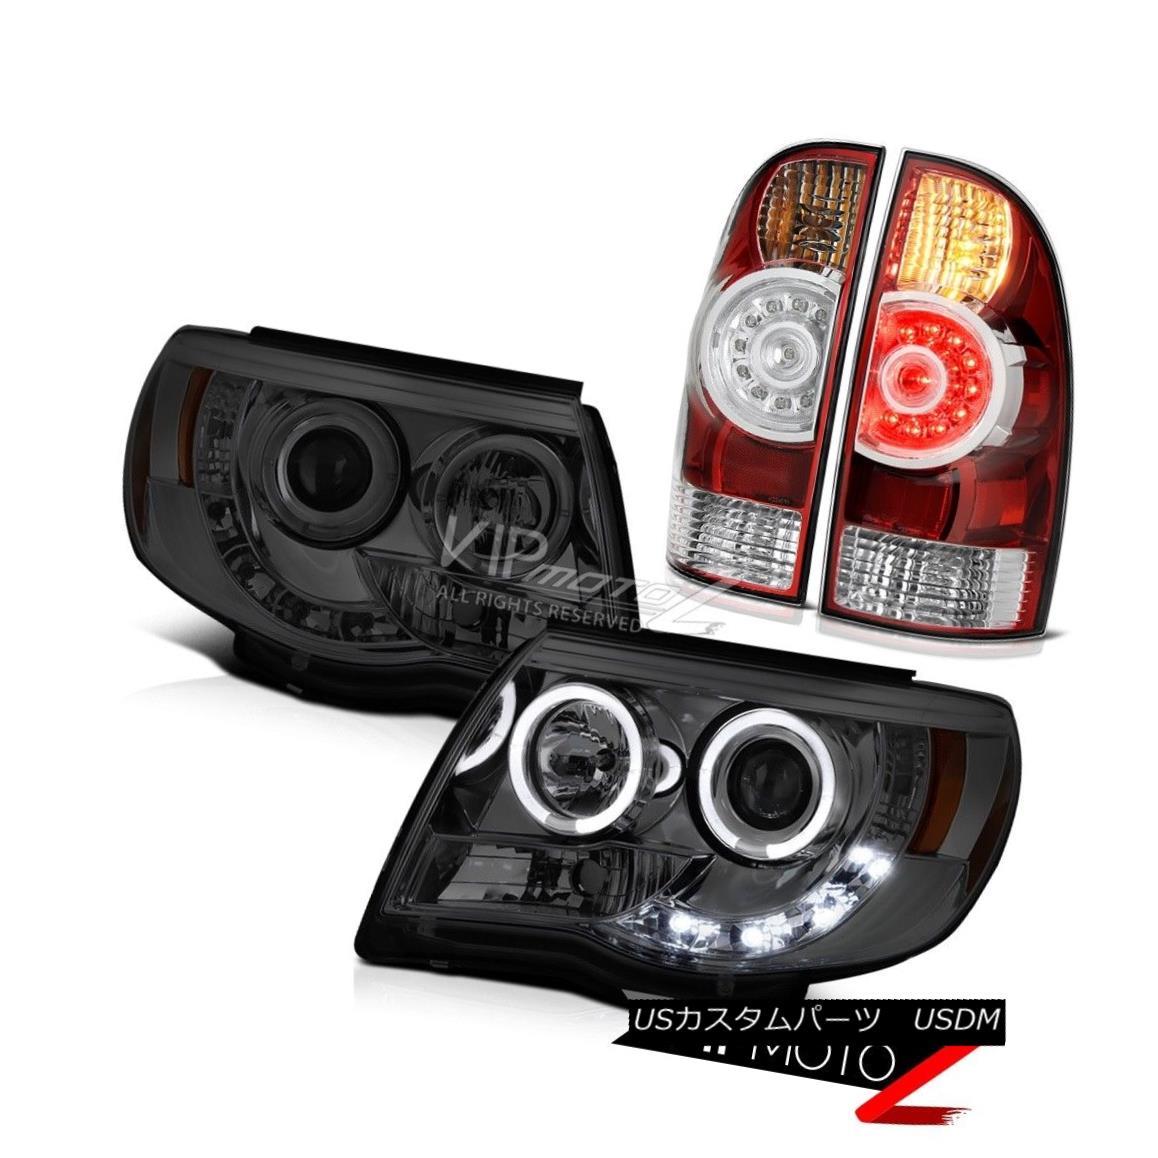 ヘッドライト 2005-2011 Tacoma 2.7L Headlamps rosso red tail brake lamps Halo Rim Dual Halo 2005-2011タコマ2.7LヘッドランプロッソレッドテールブレーキランプHalo Rim Dual Halo